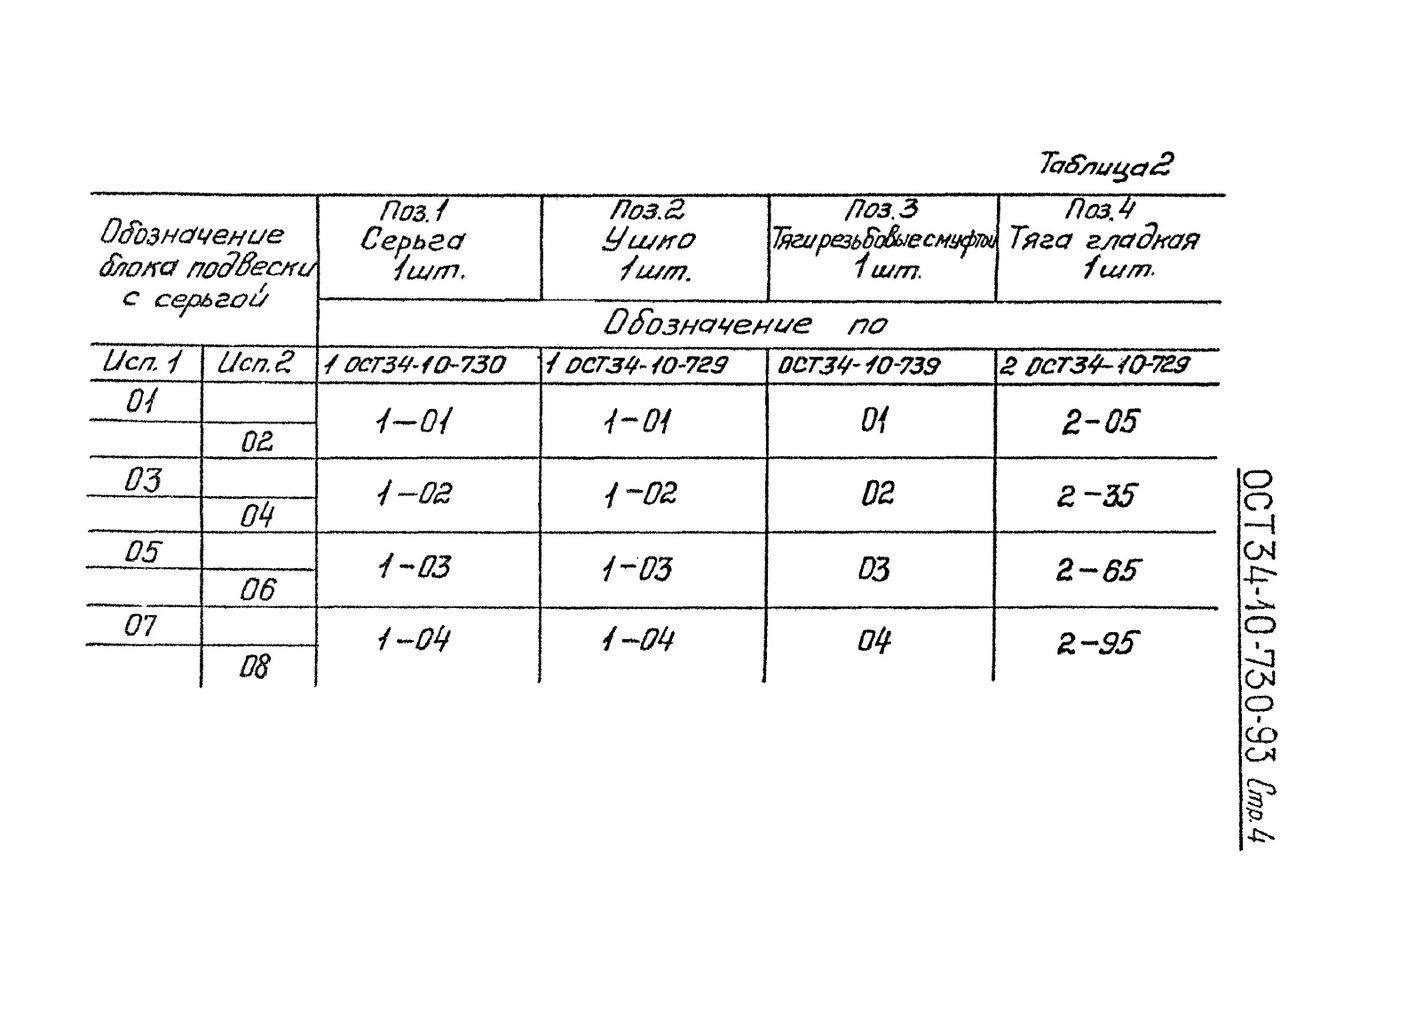 Блоки подвесок с серьгой ОСТ 34-10-730-93 стр.4